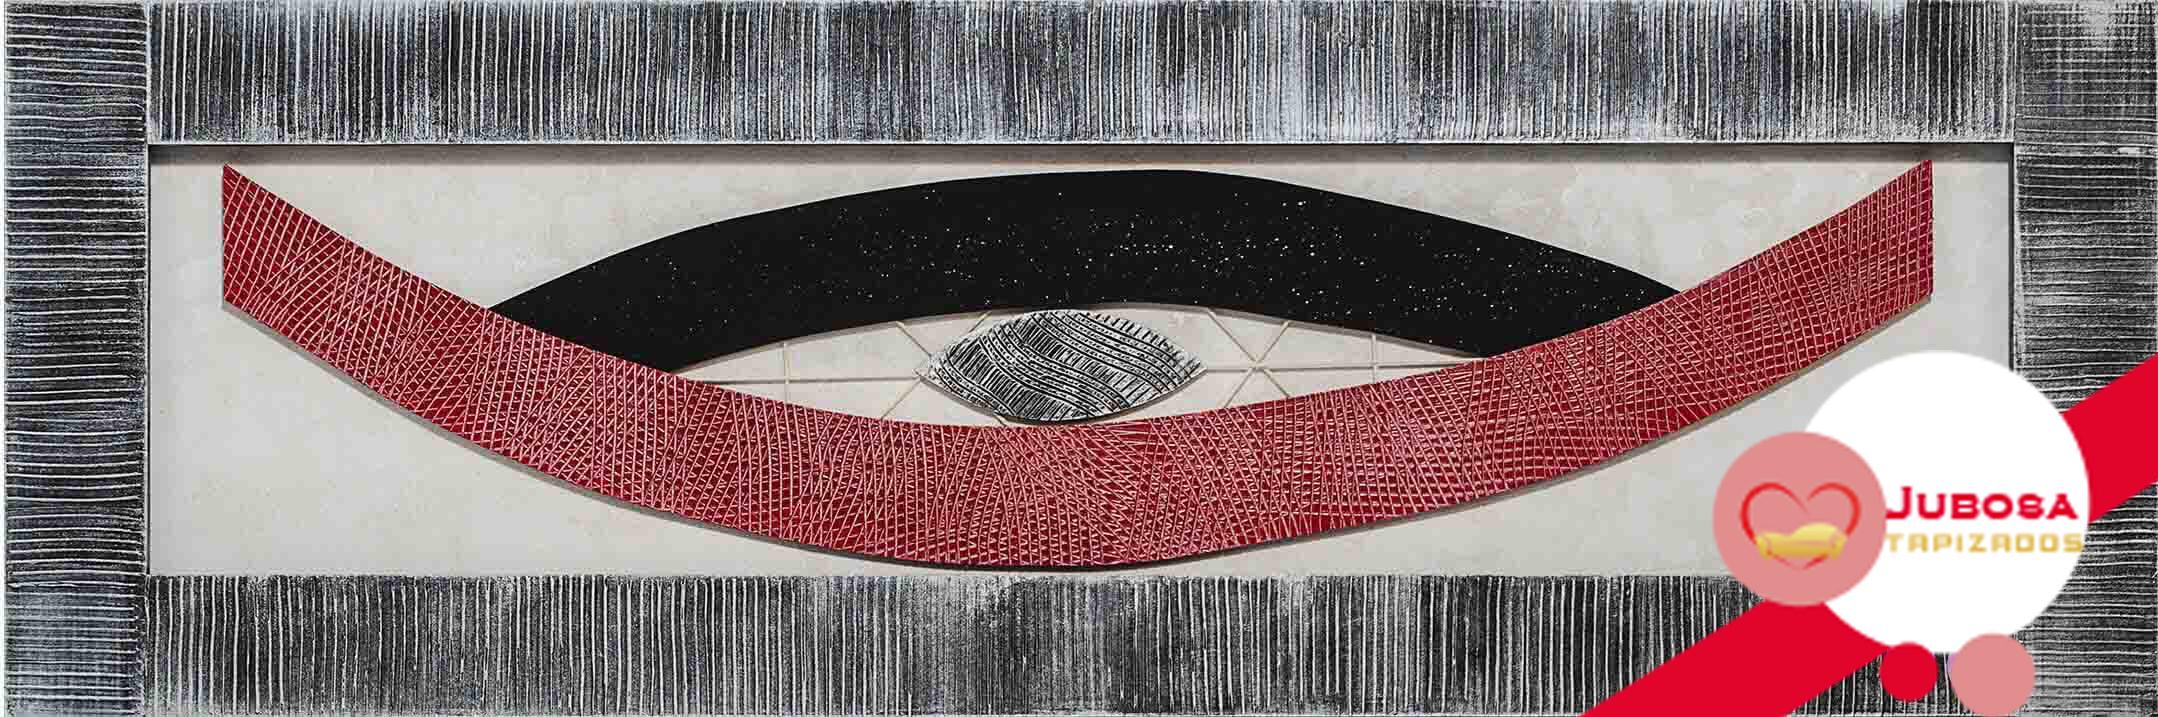 cuadro relieve rojo tapizados jubosa